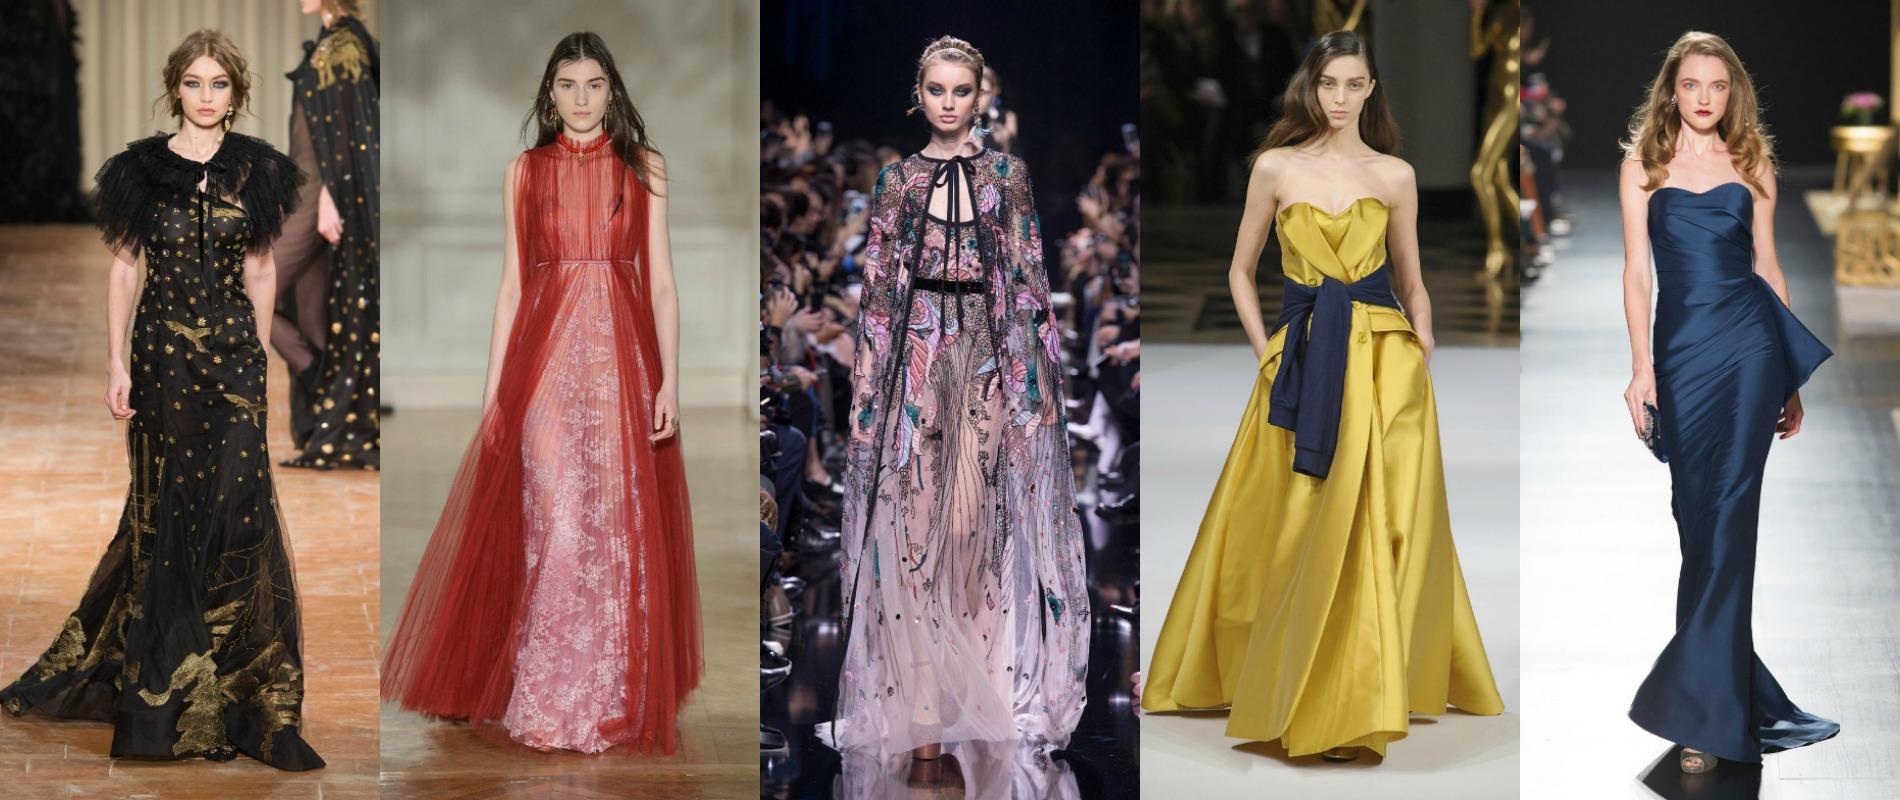 Les robes du soir font rêver les podiums (et nous avec) 67fe06d8330